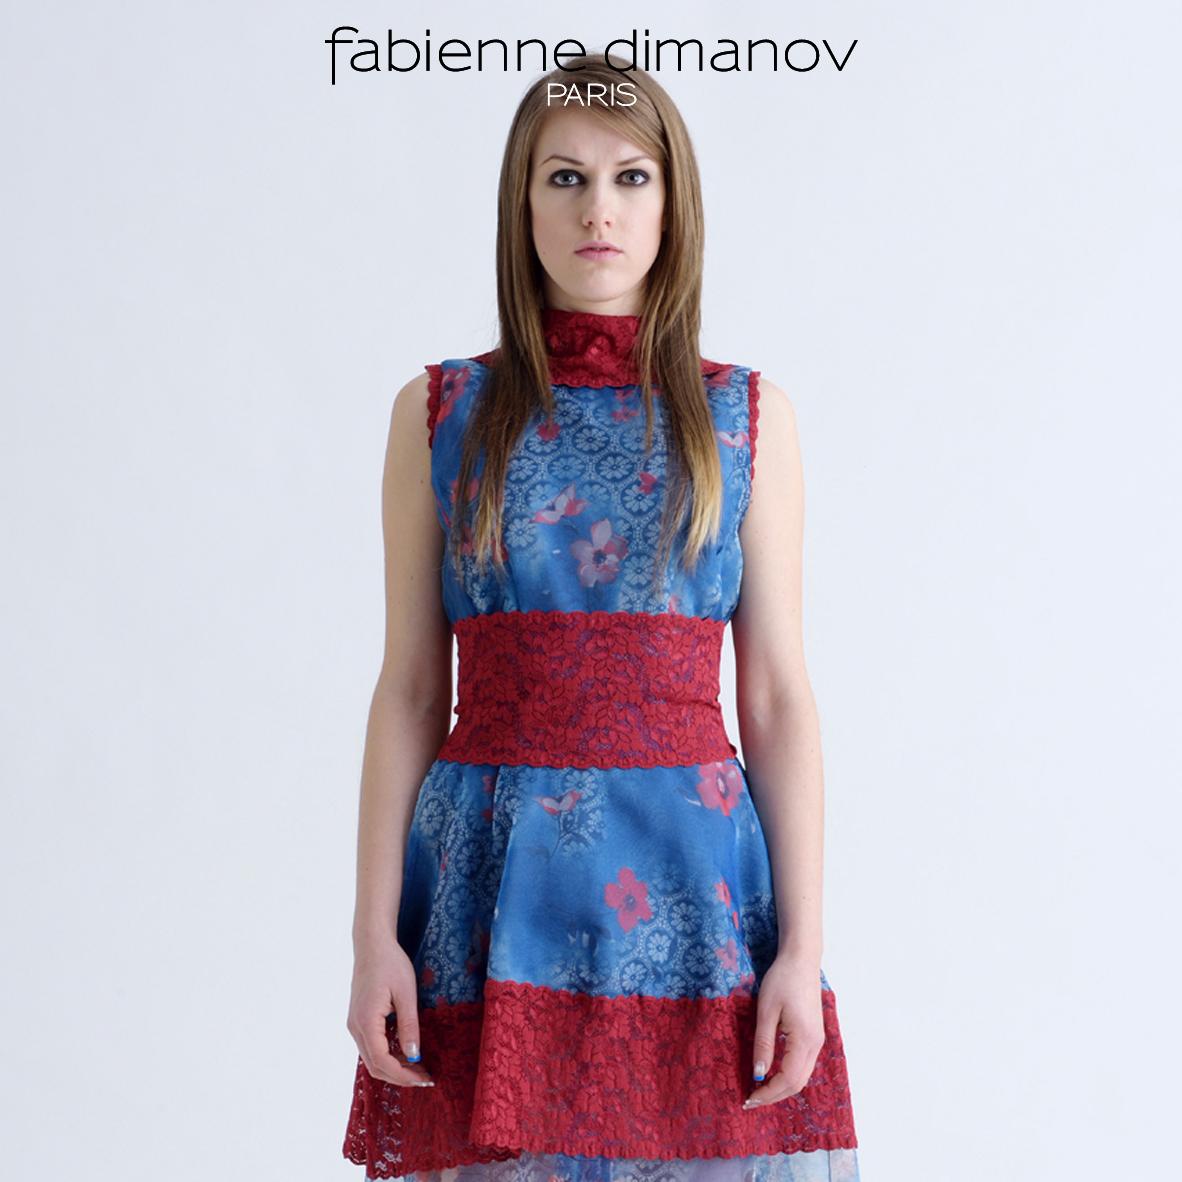 Fleur de ciel - Fabienne Dimanov Paris